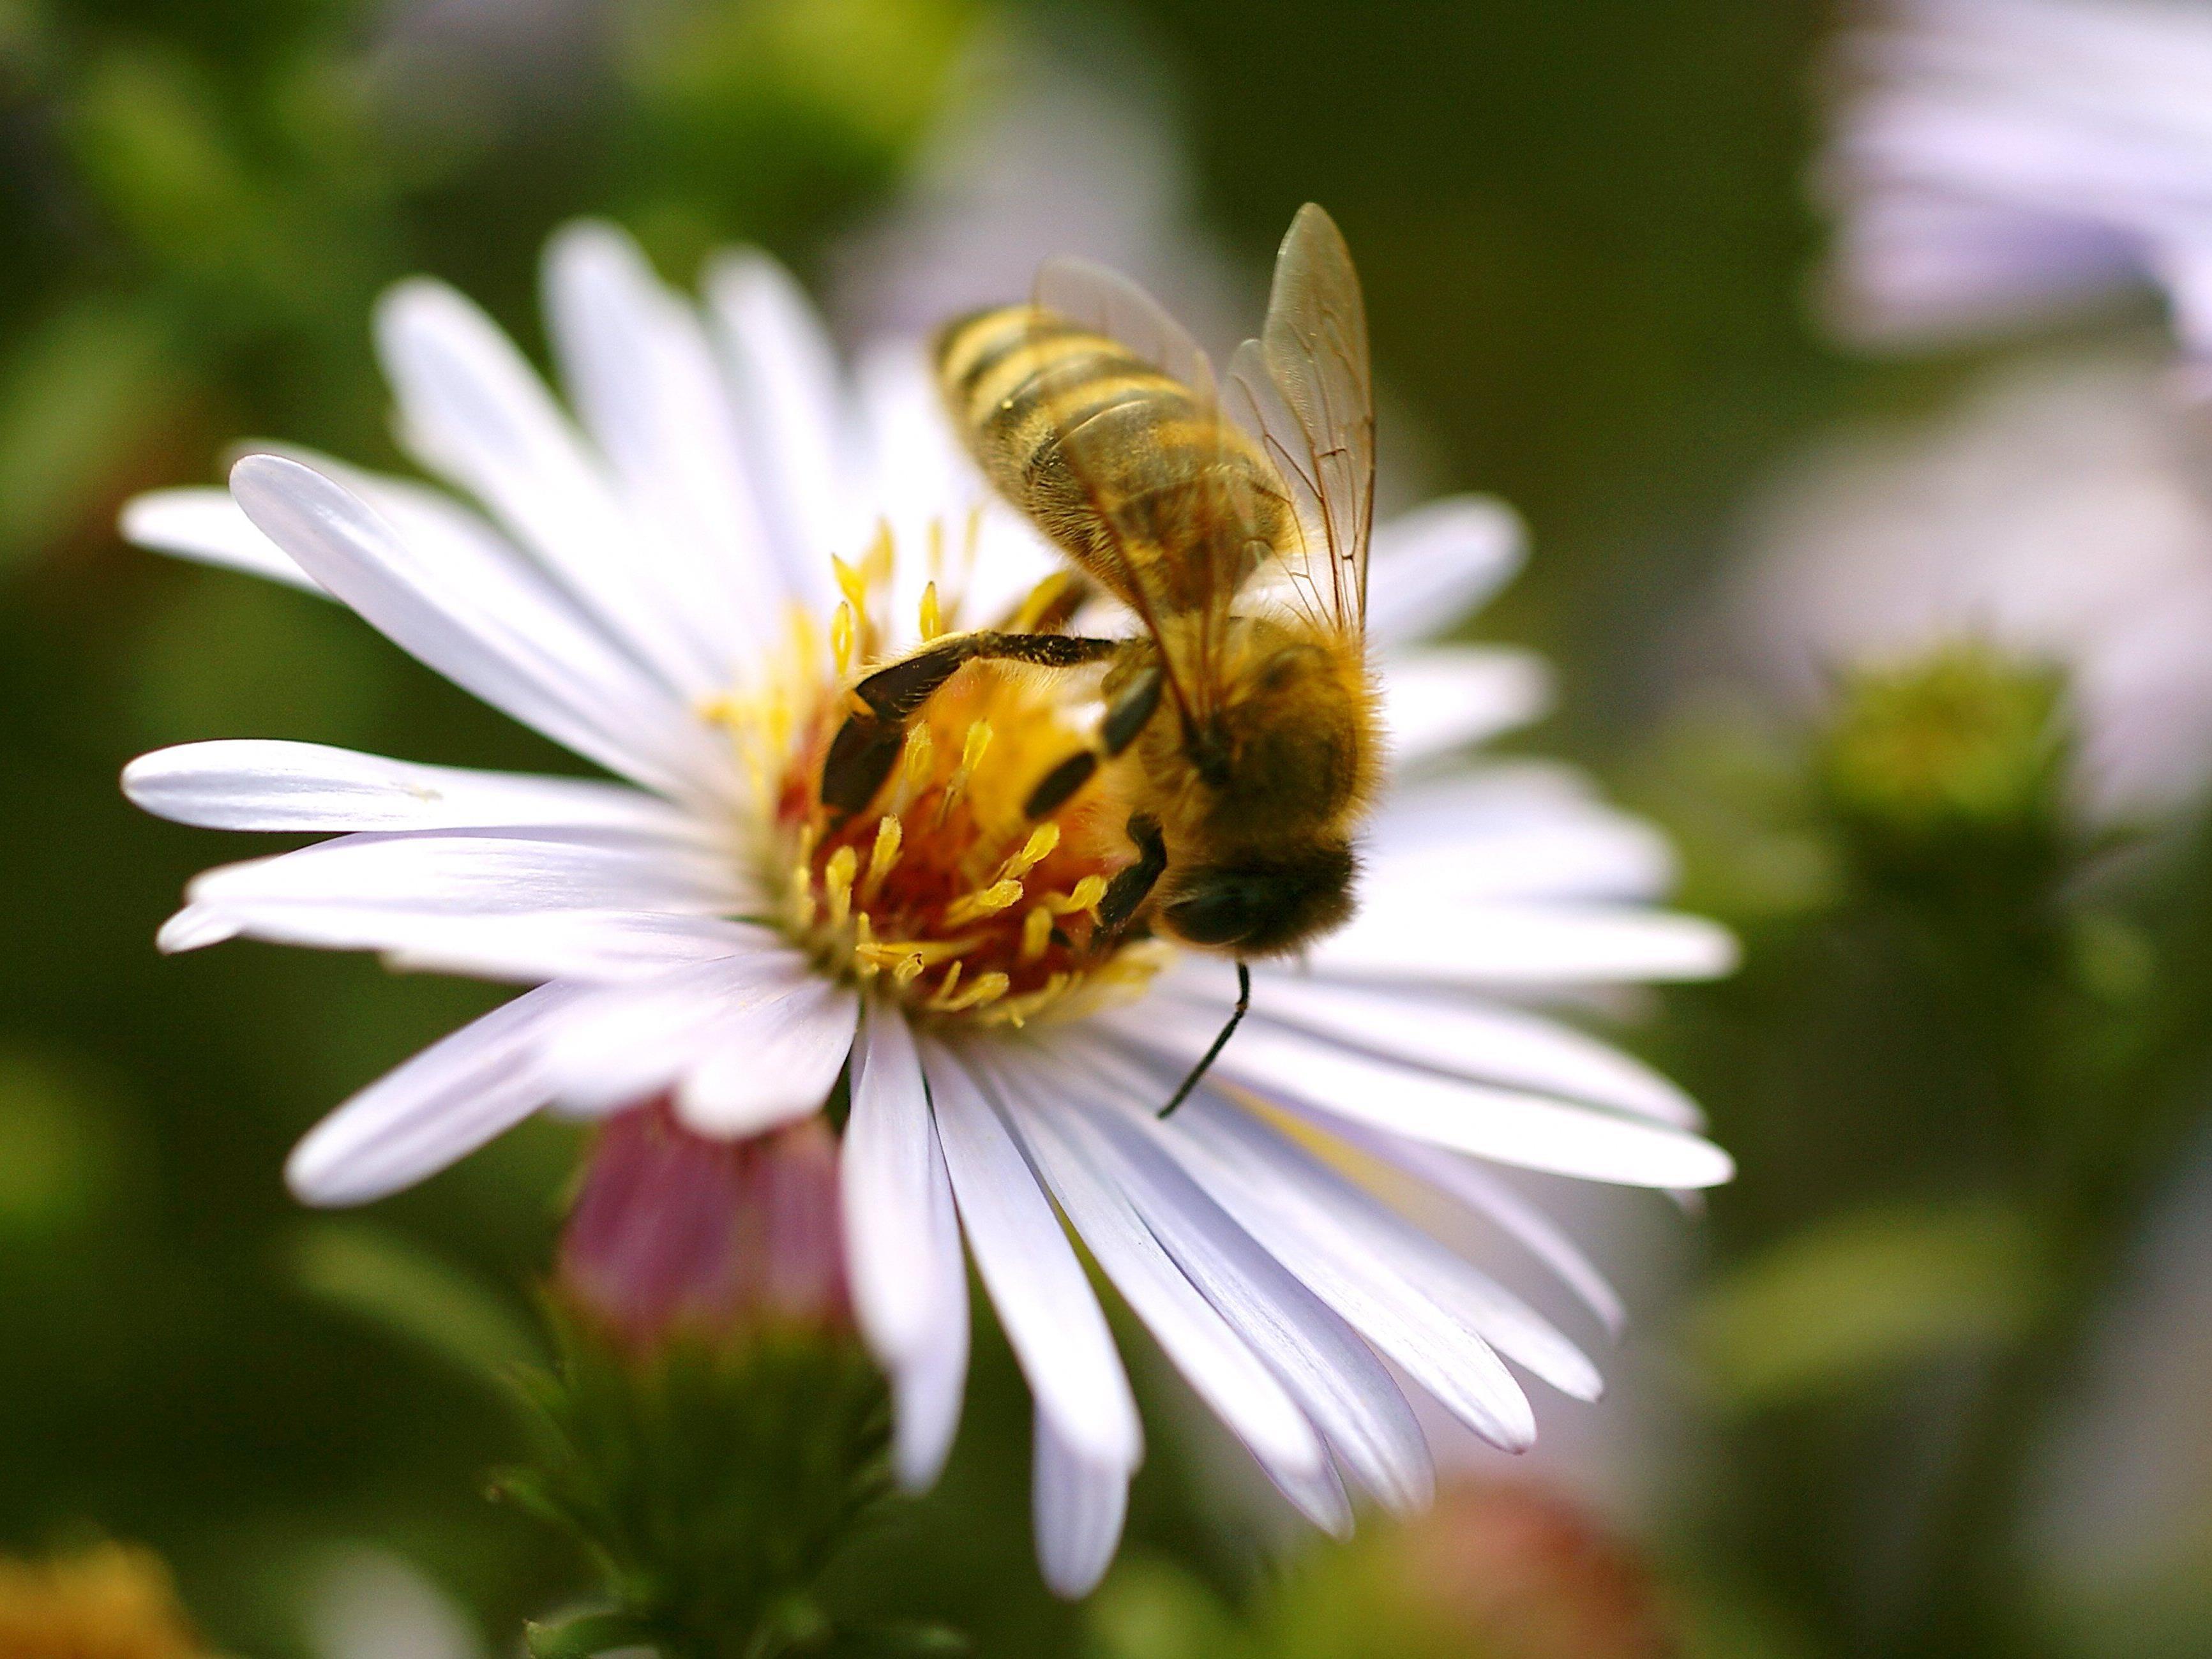 Noch gibt es keine Mehrheit für umfassendes Verbot von bienenschädlichen Pestiziden in Österreich.